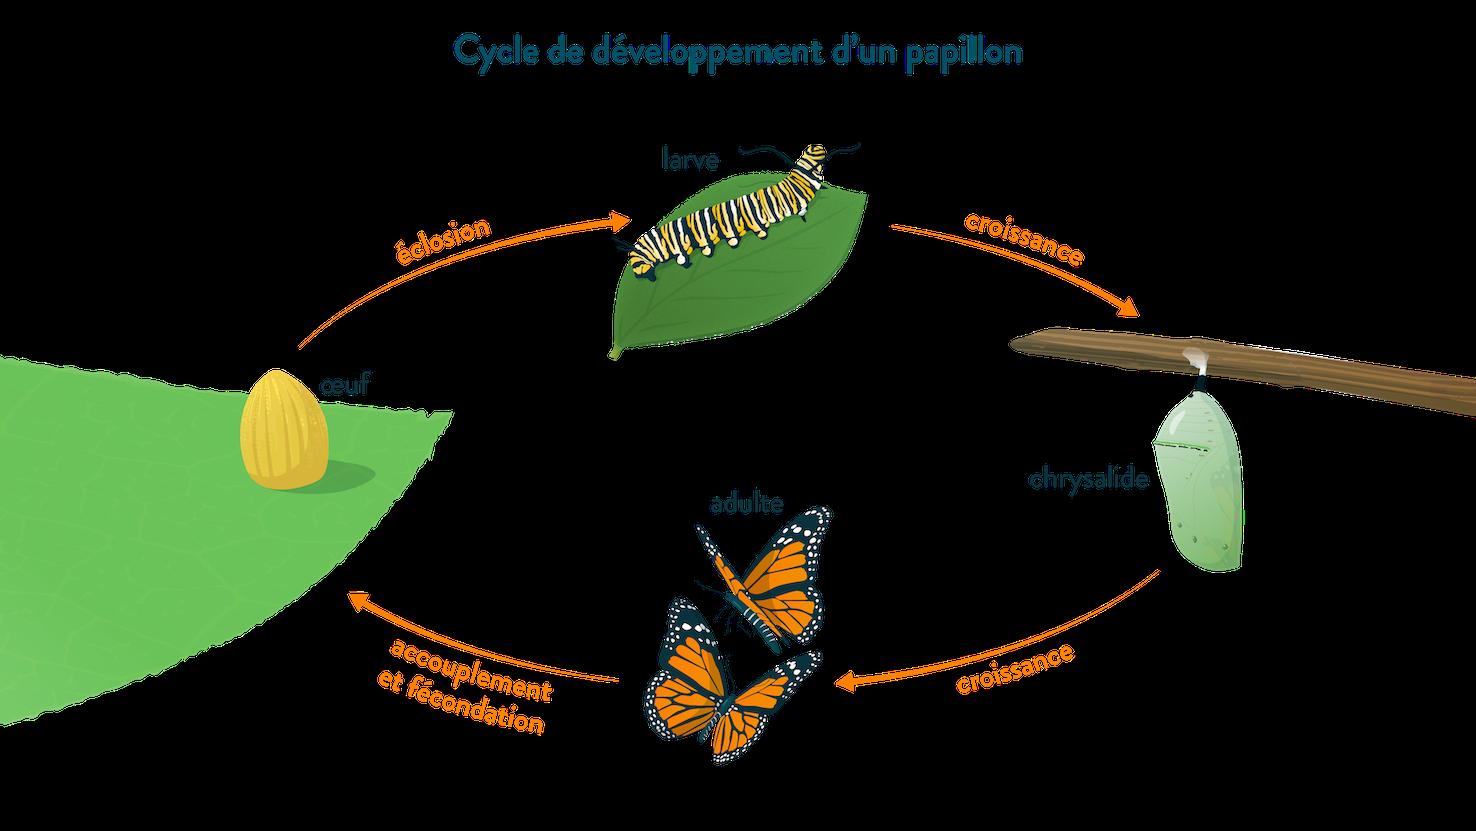 Cycle de développement d'un papillon œuf éclosion larve croissance chrysalide adulte accouplement fécondation